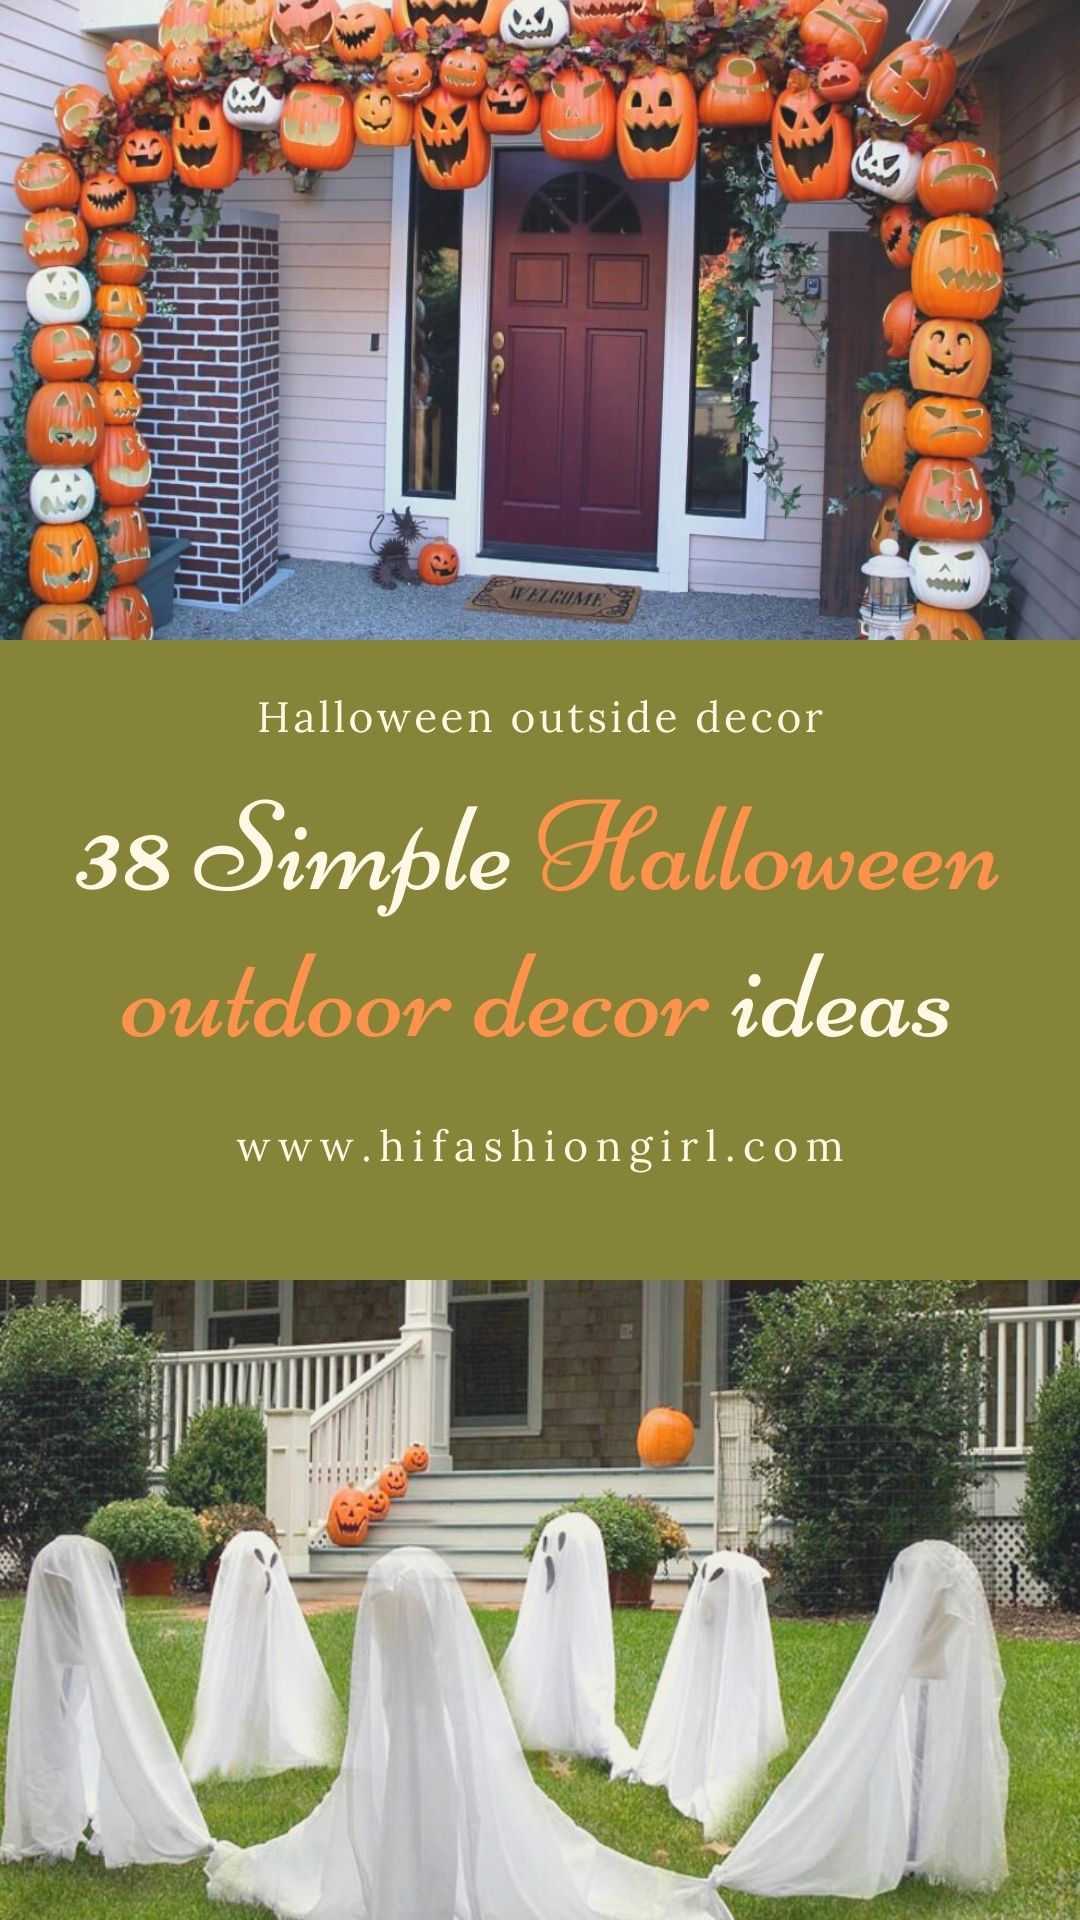 38 Best DIY Halloween outdoor decorations ideas 2021